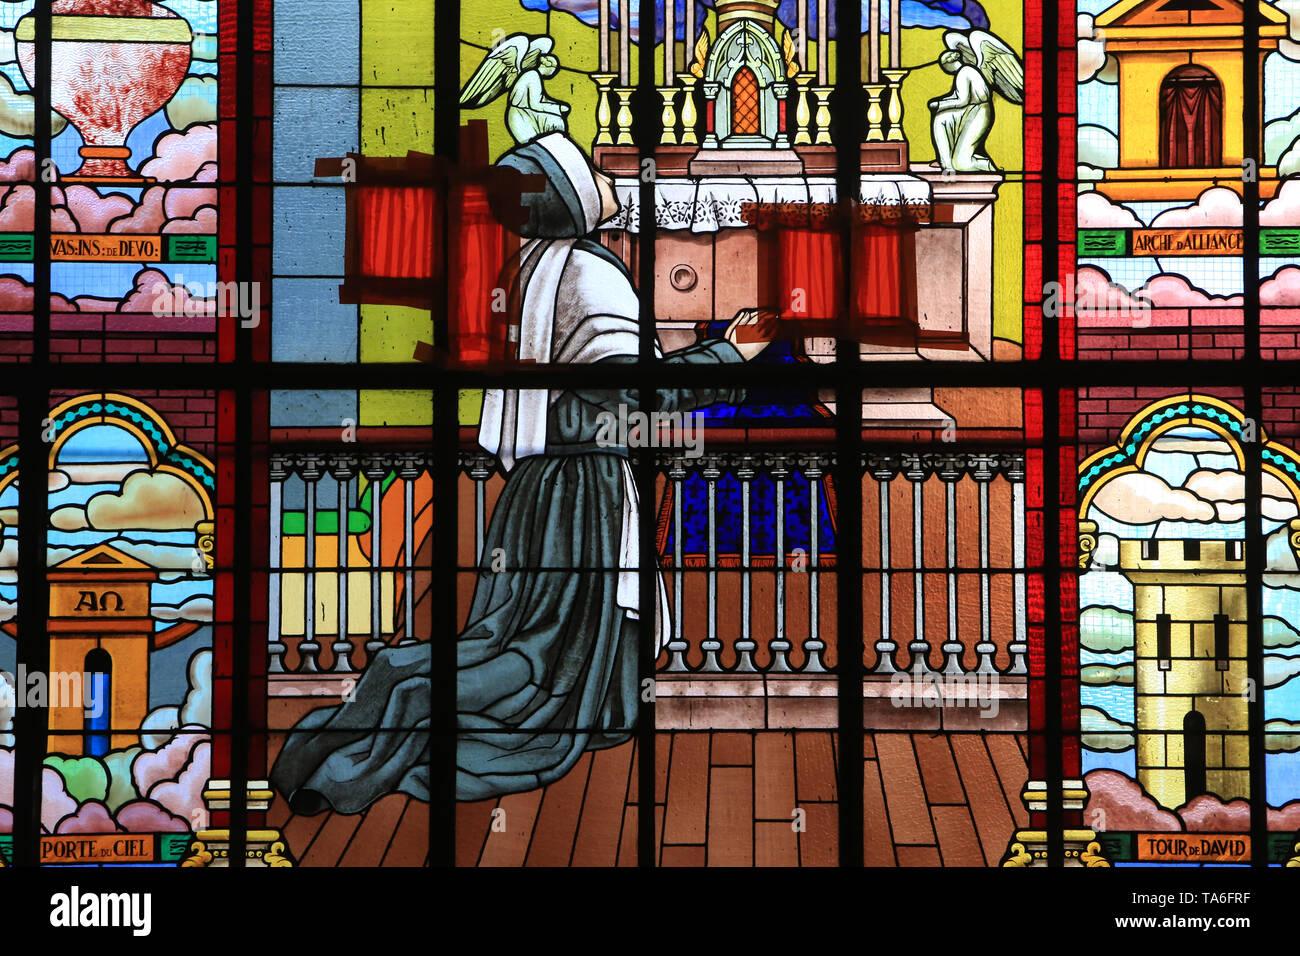 Erscheinung de la Vierge à Bernadette Soubirous. Eglise Notre-Dame de Lourdes. Chaville. Erscheinung der Jungfrau vor Bernadette Soubirous. Stockbild